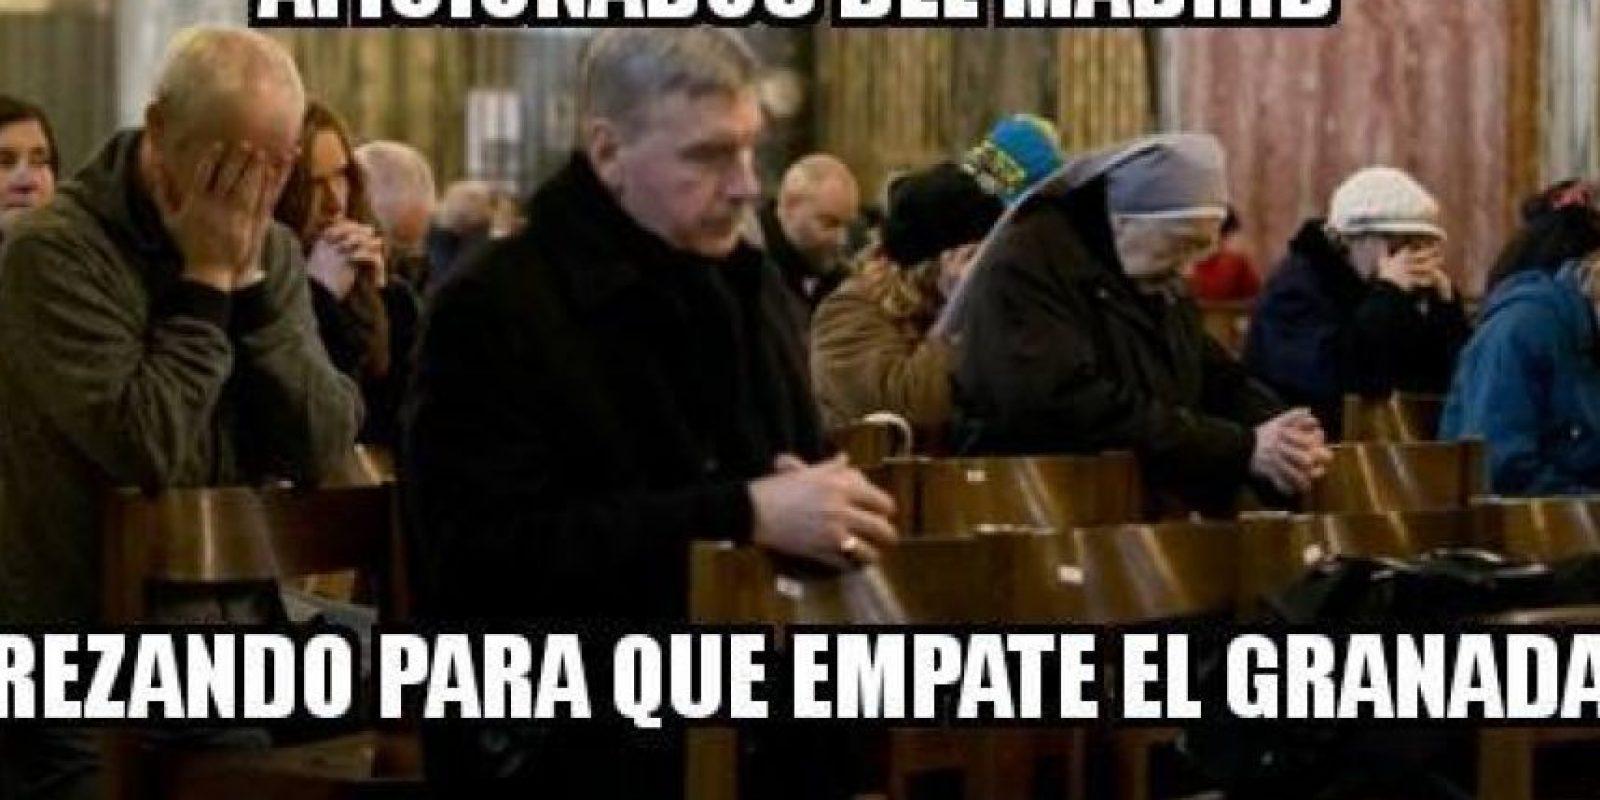 Foto:Memedeportes. Imagen Por: